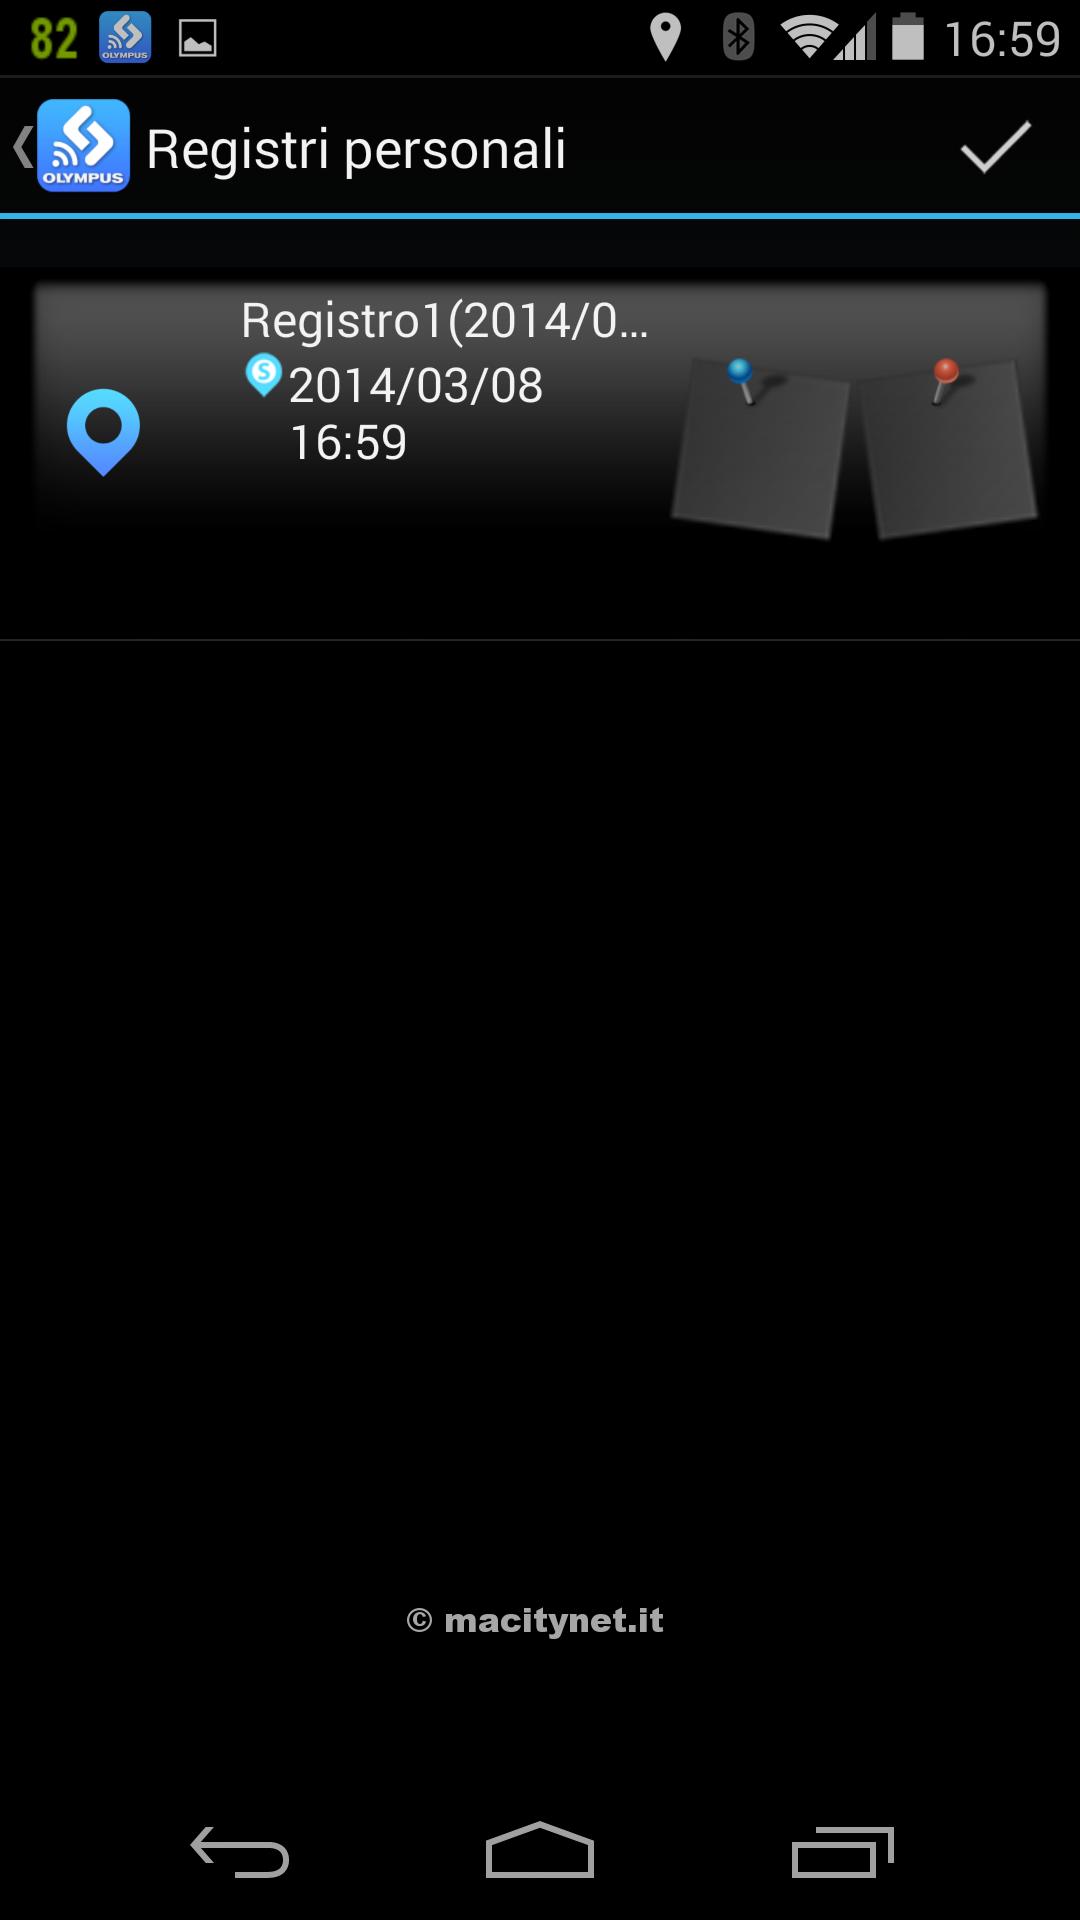 L'opzione per sincronizzare le posizioni della immagini scattate via smartphone GPS